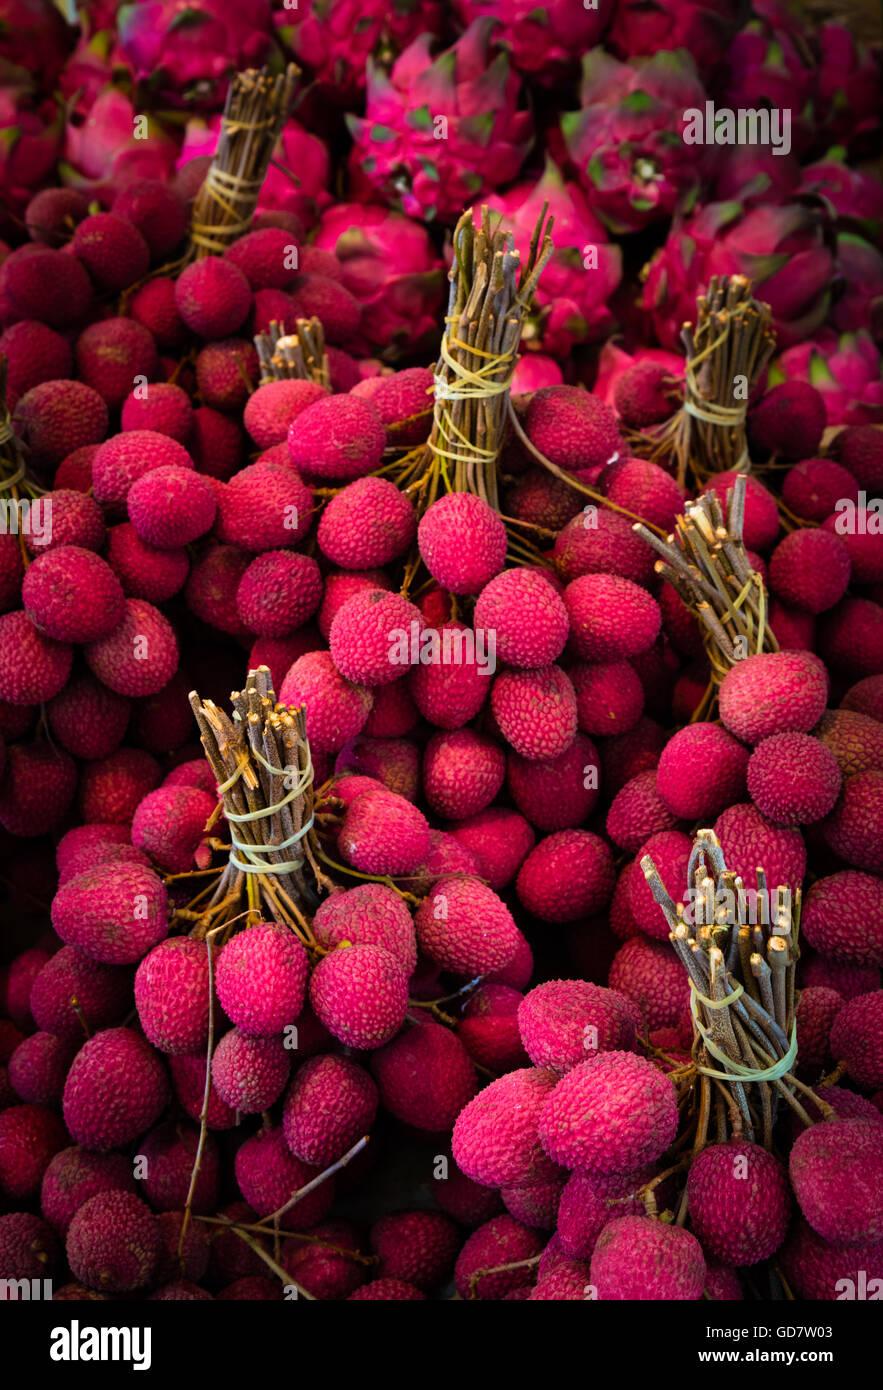 Lichi frutas al mercado callejero en el Chinatown de Nueva York Imagen De Stock